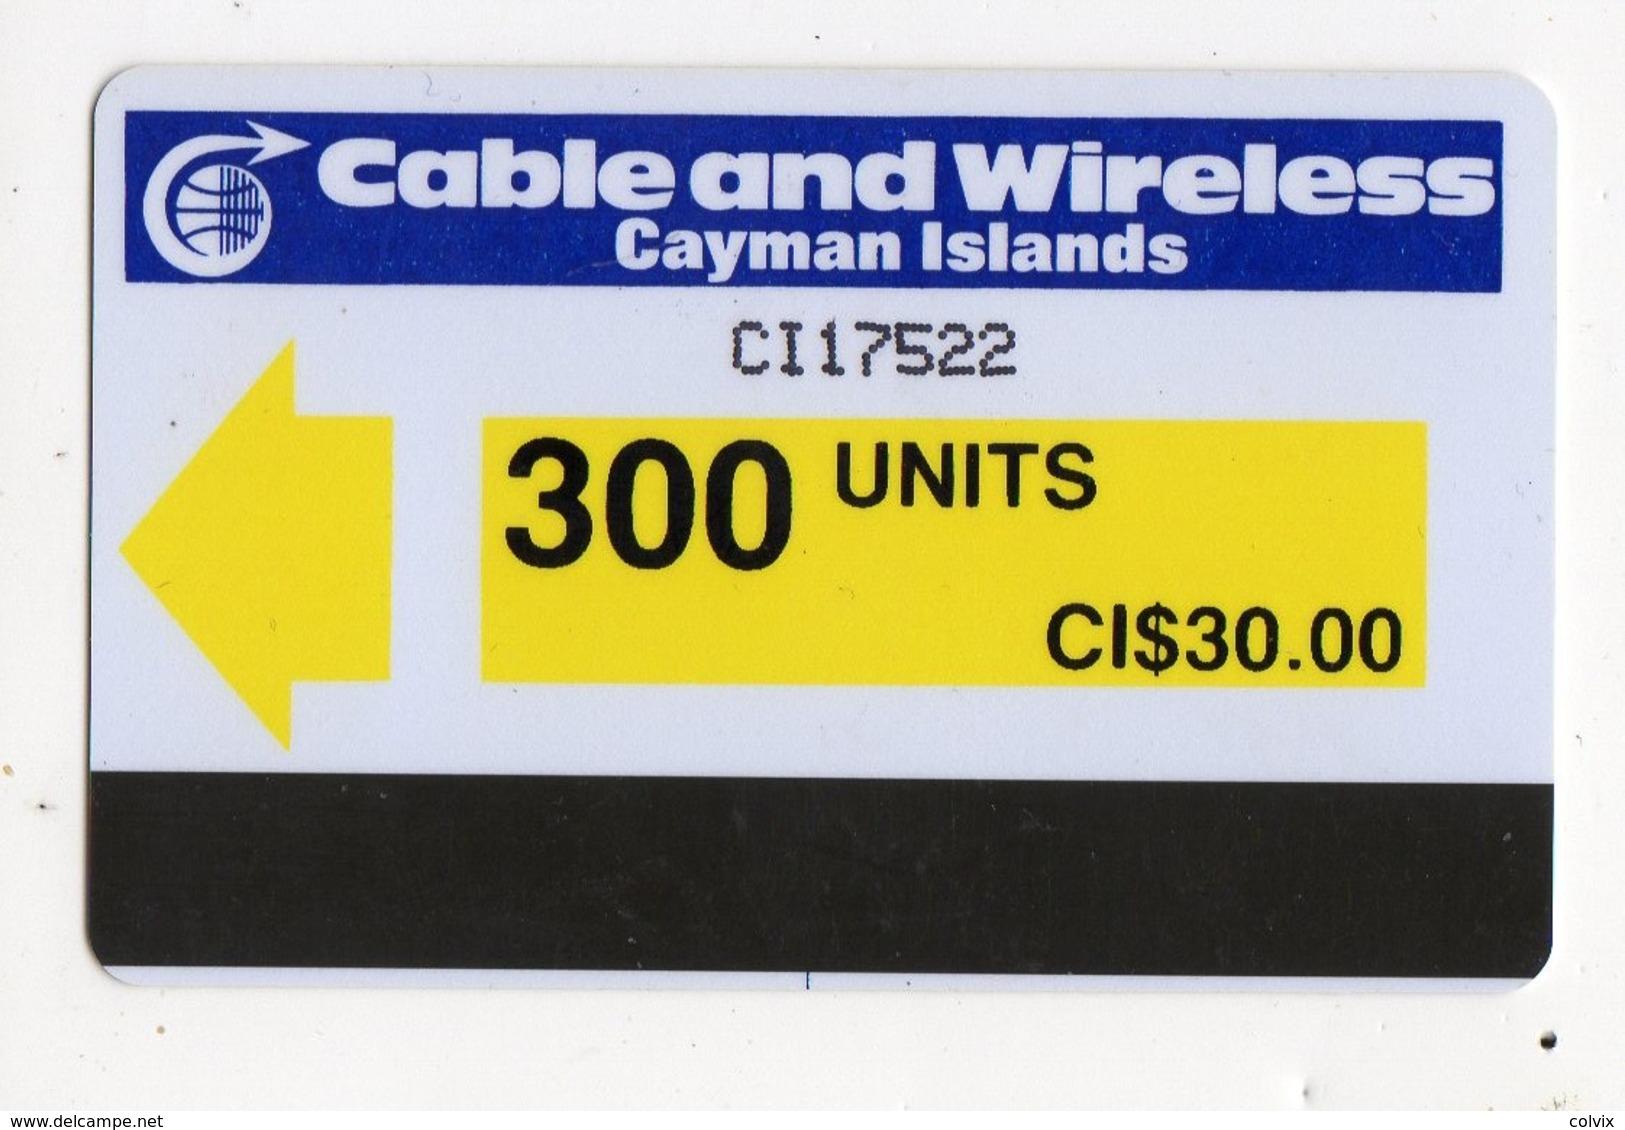 CAYMAN ISLANDS REF MV CARDS CAY-AU2 AUTELCA 300U  Année 1986 CN : CI17522 Yellow Arrow - Iles Cayman